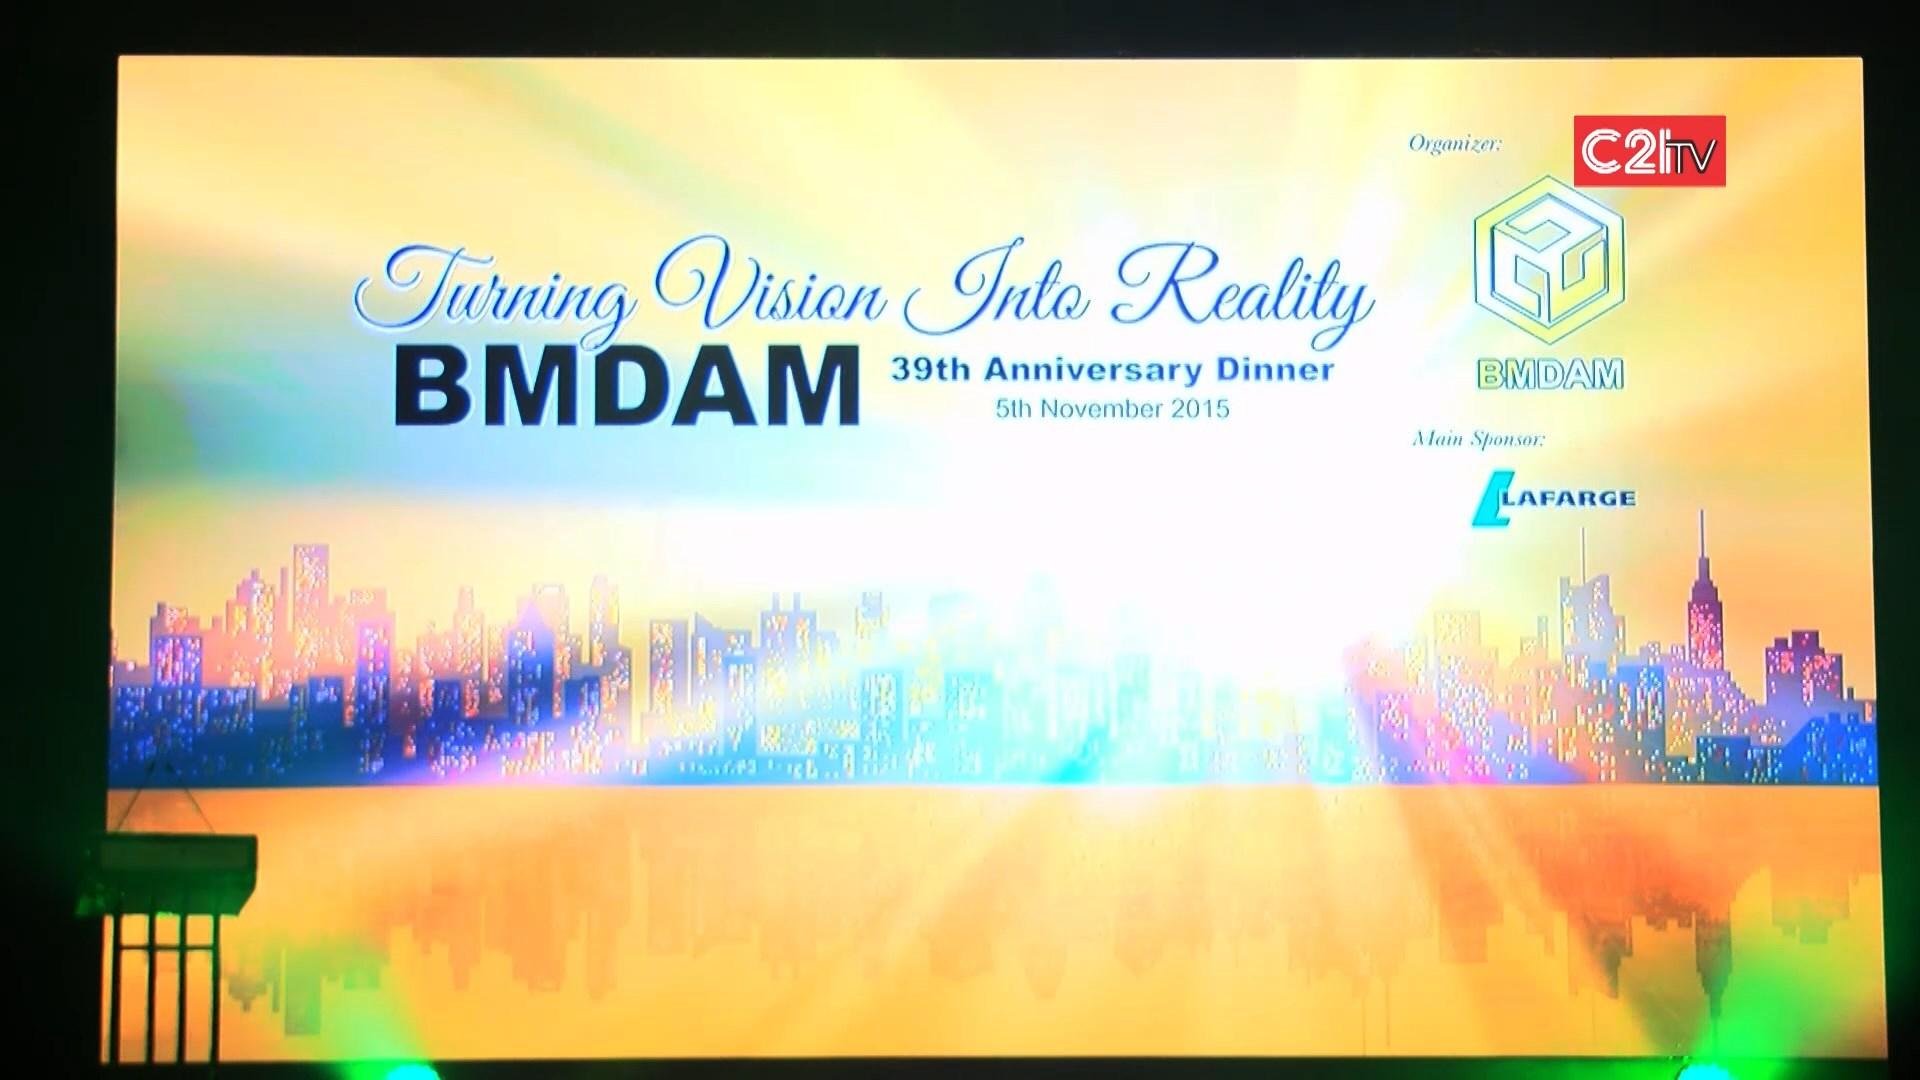 BMDAM Dinner 2015 Highlight